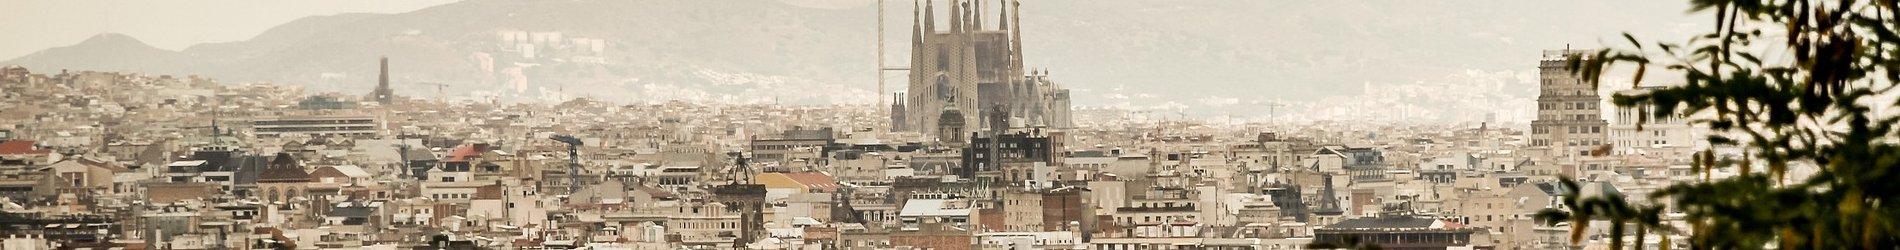 bg-barcelona